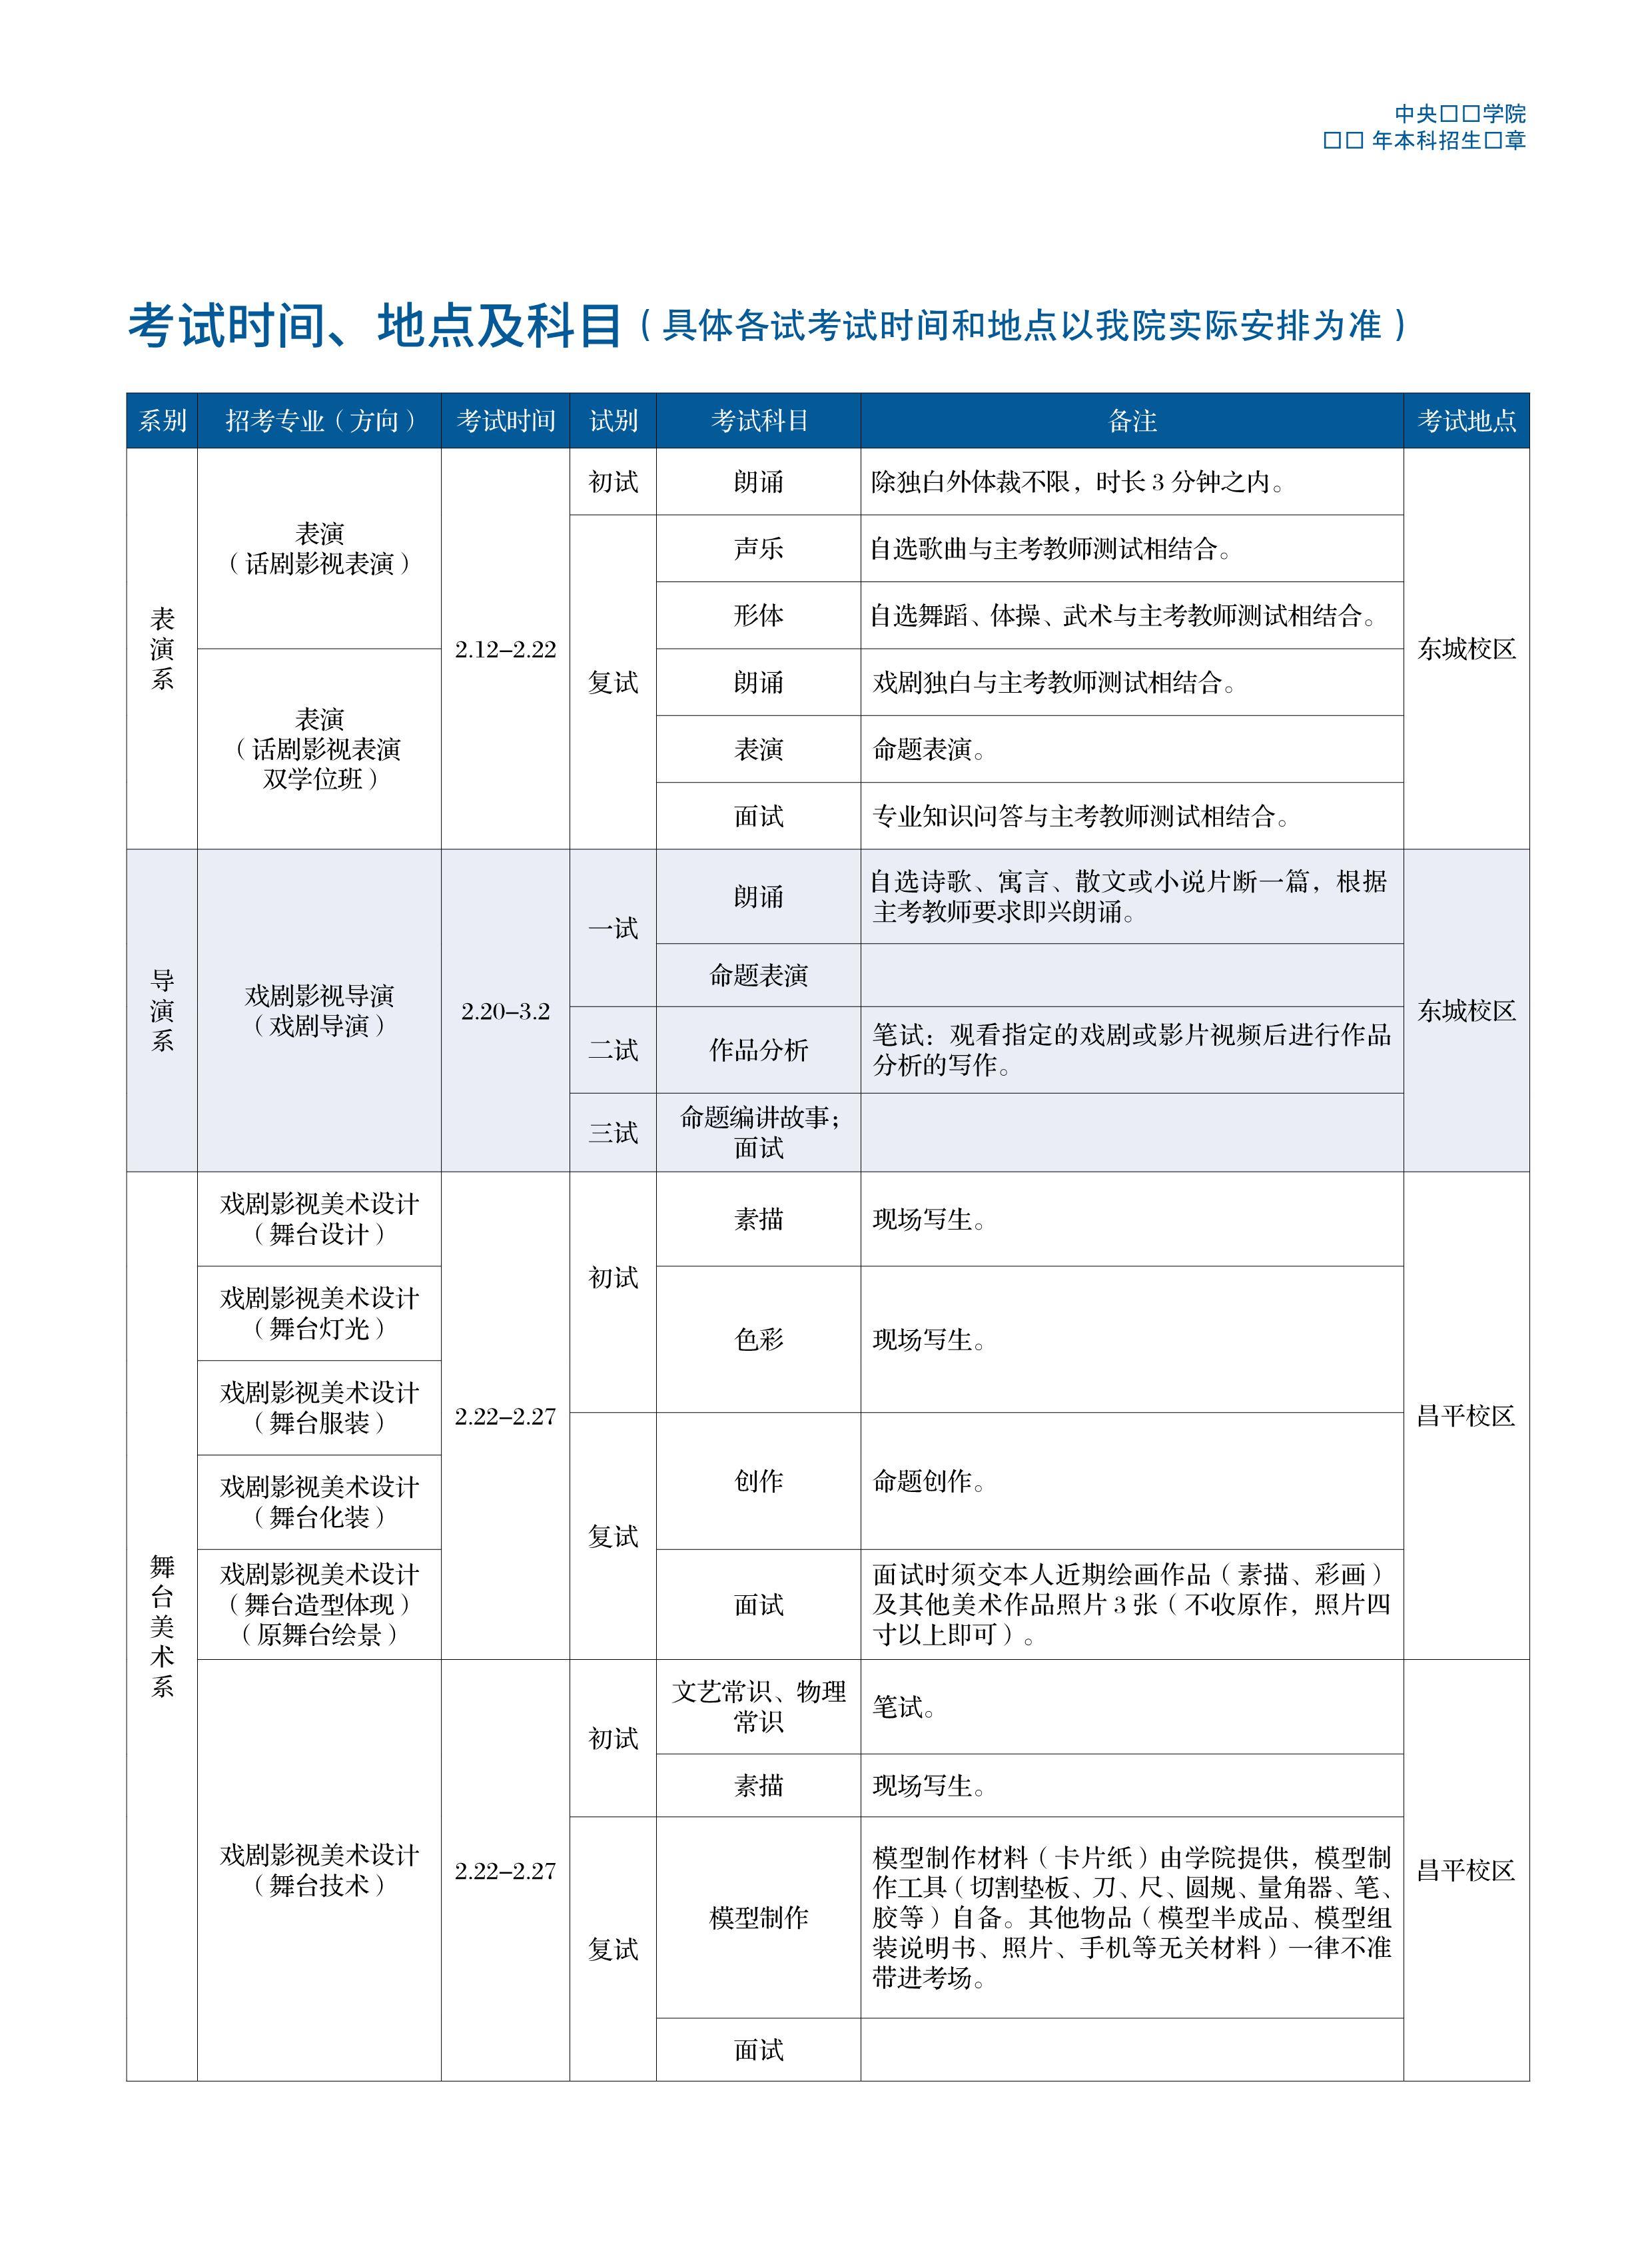 中心戲劇學院2019年本科招生簡章03